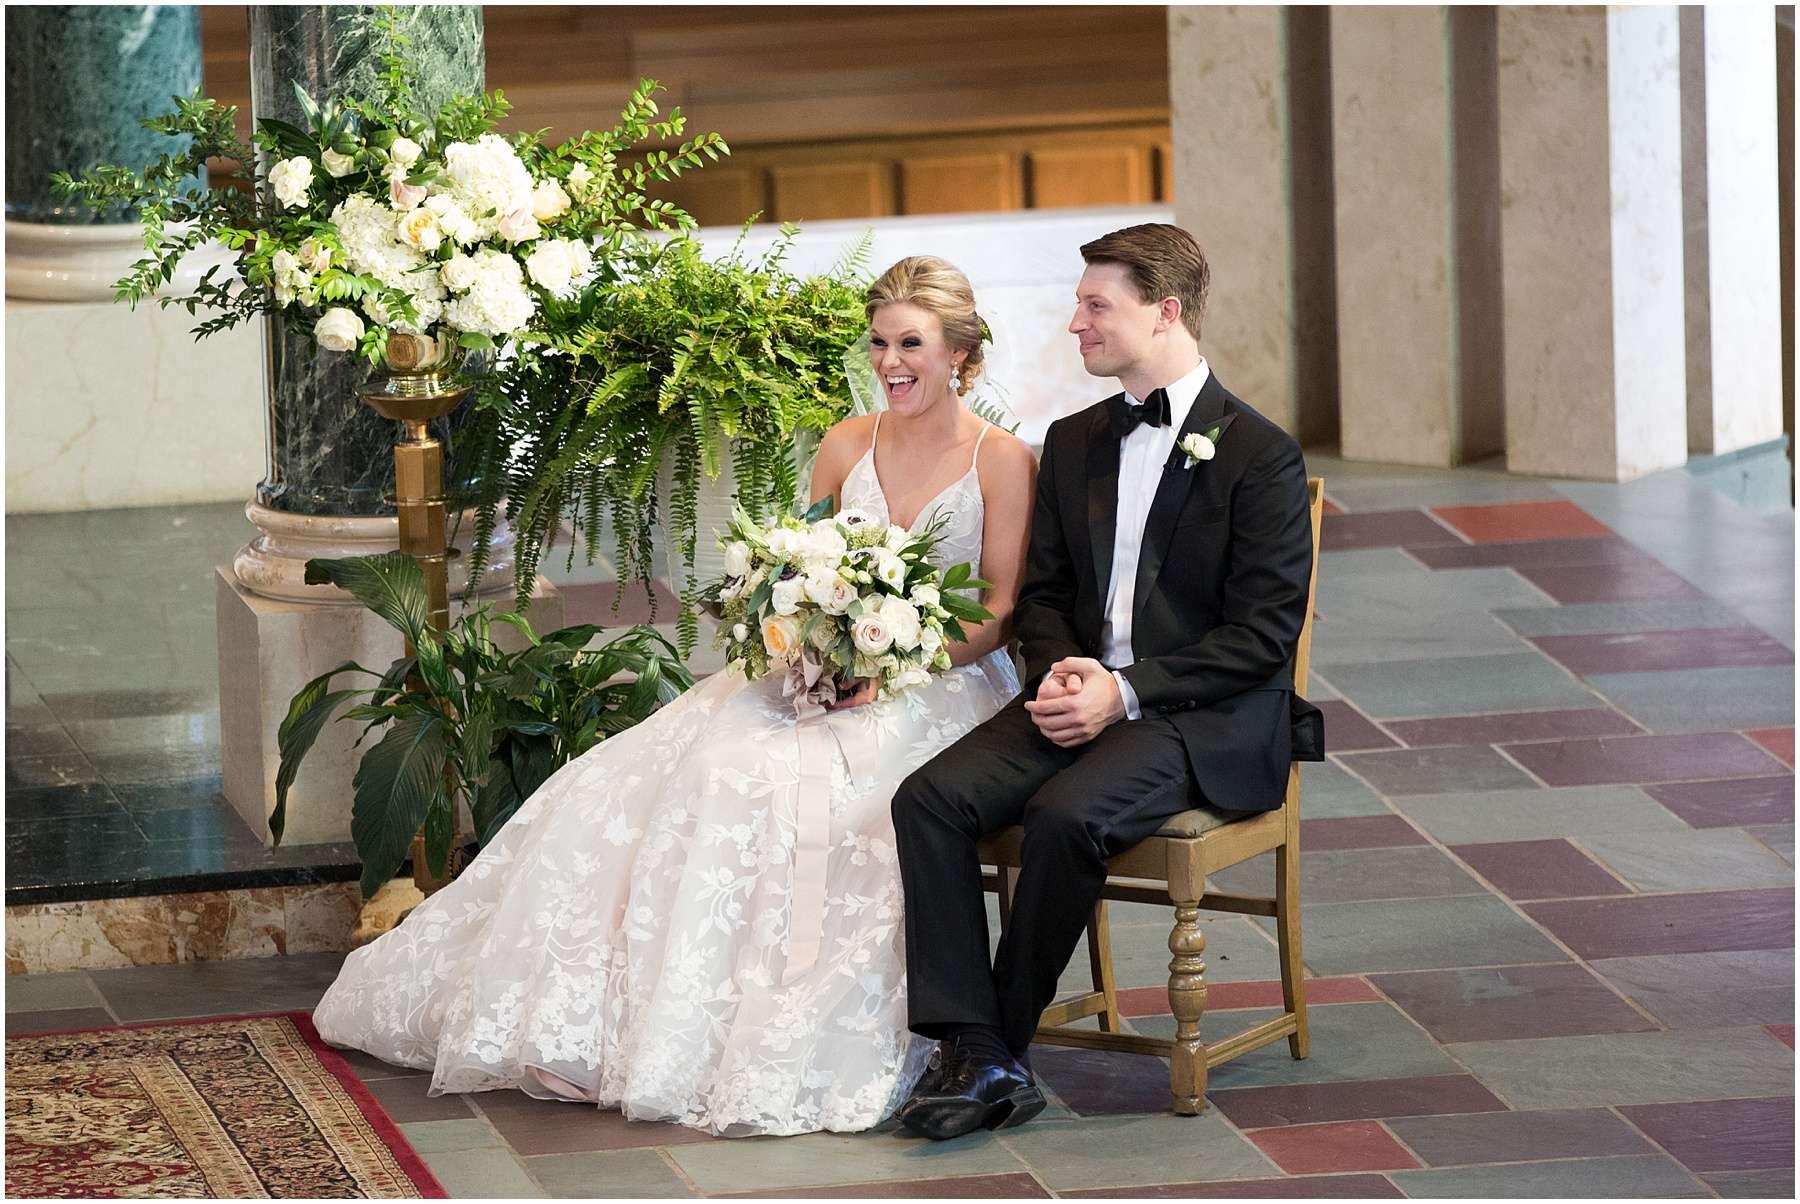 Wedding at the Ohio Statehouse | Columbus Ohio Weddings 98